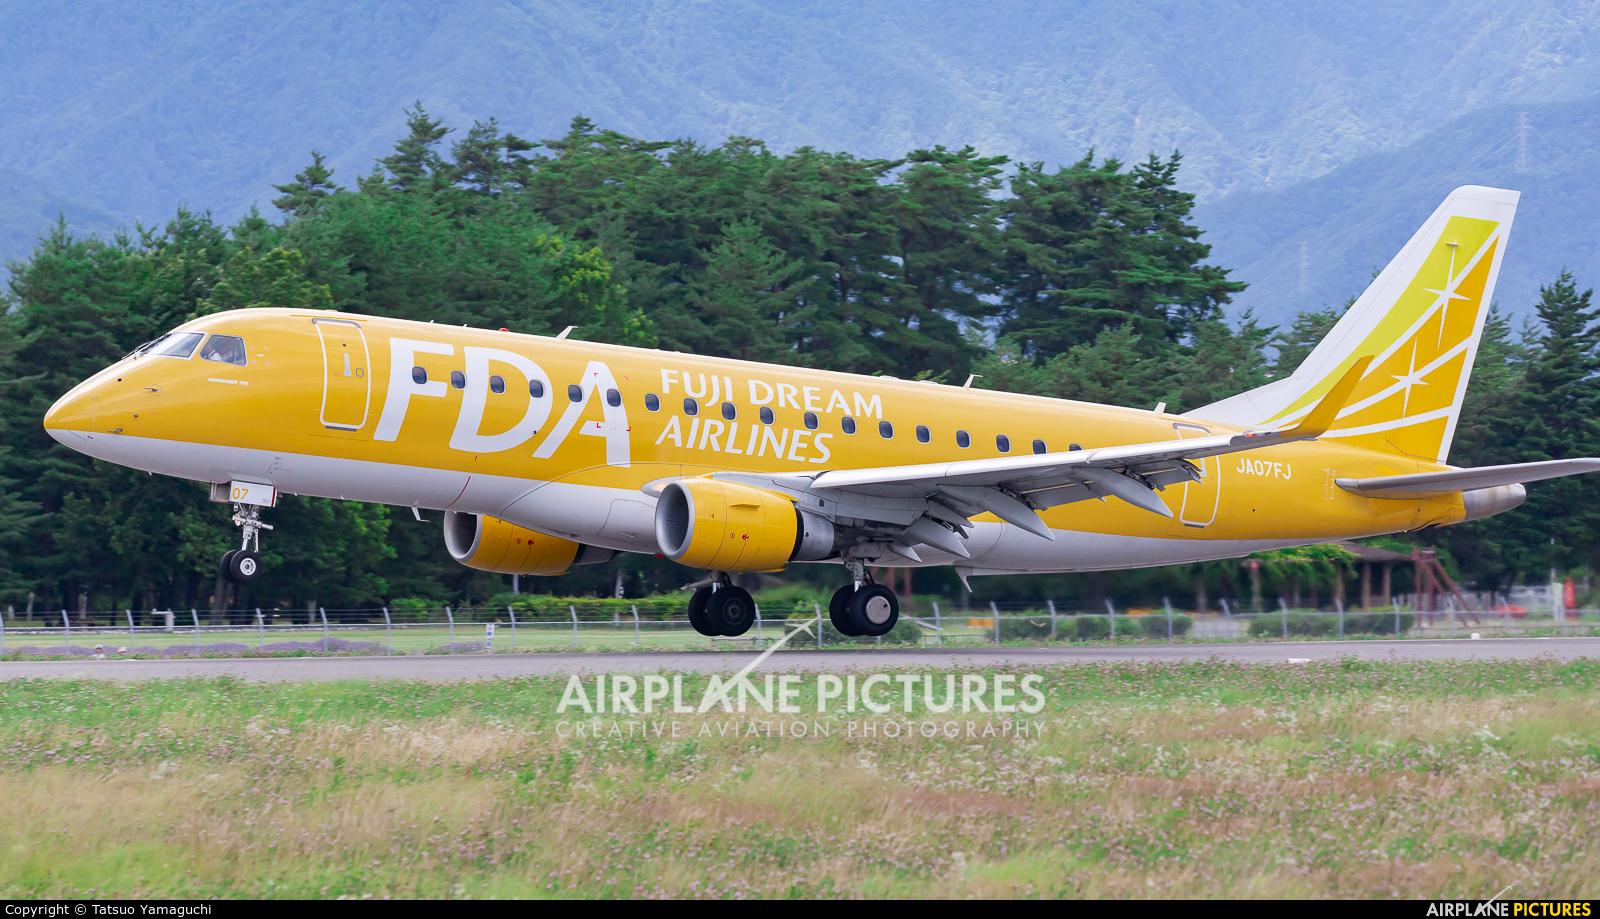 Fuji Dream Airlines JA07FJ aircraft at Shinshu - Matsumoto